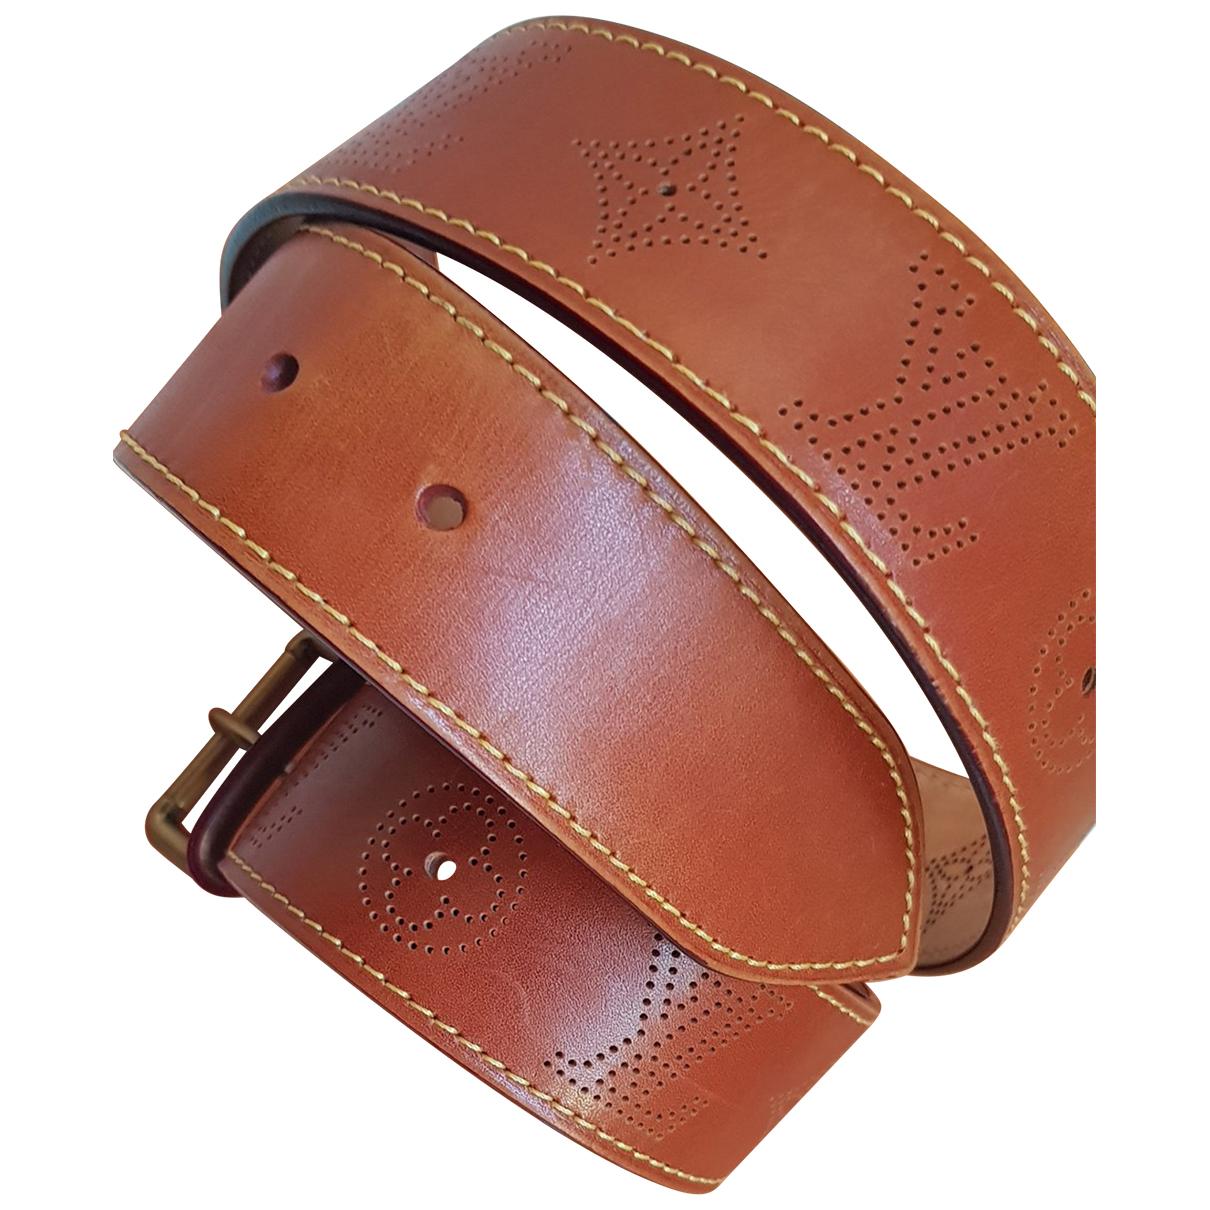 Cinturon de Cuero Louis Vuitton